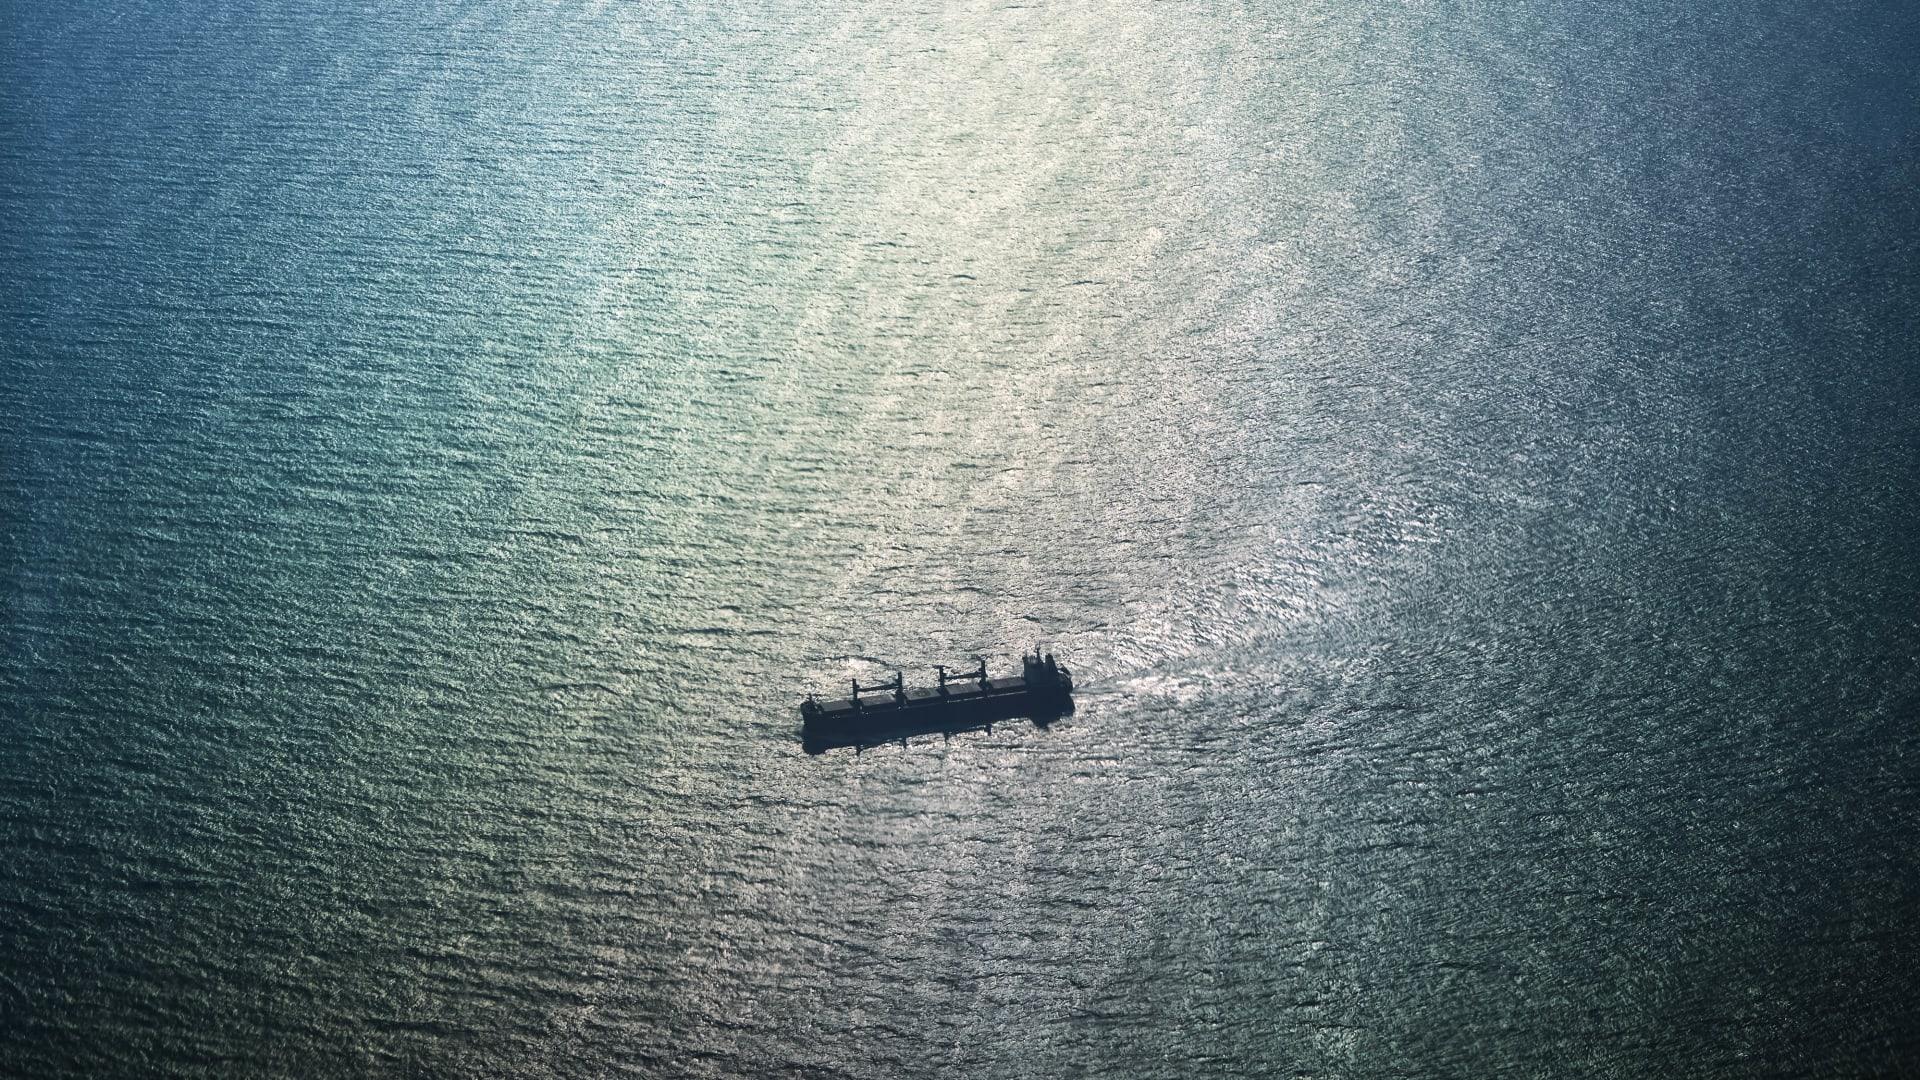 أول تعليق من الصين على دخول سفينتين حربيتين تابعتين لأمريكا وكندا إلى مضيق تايوان